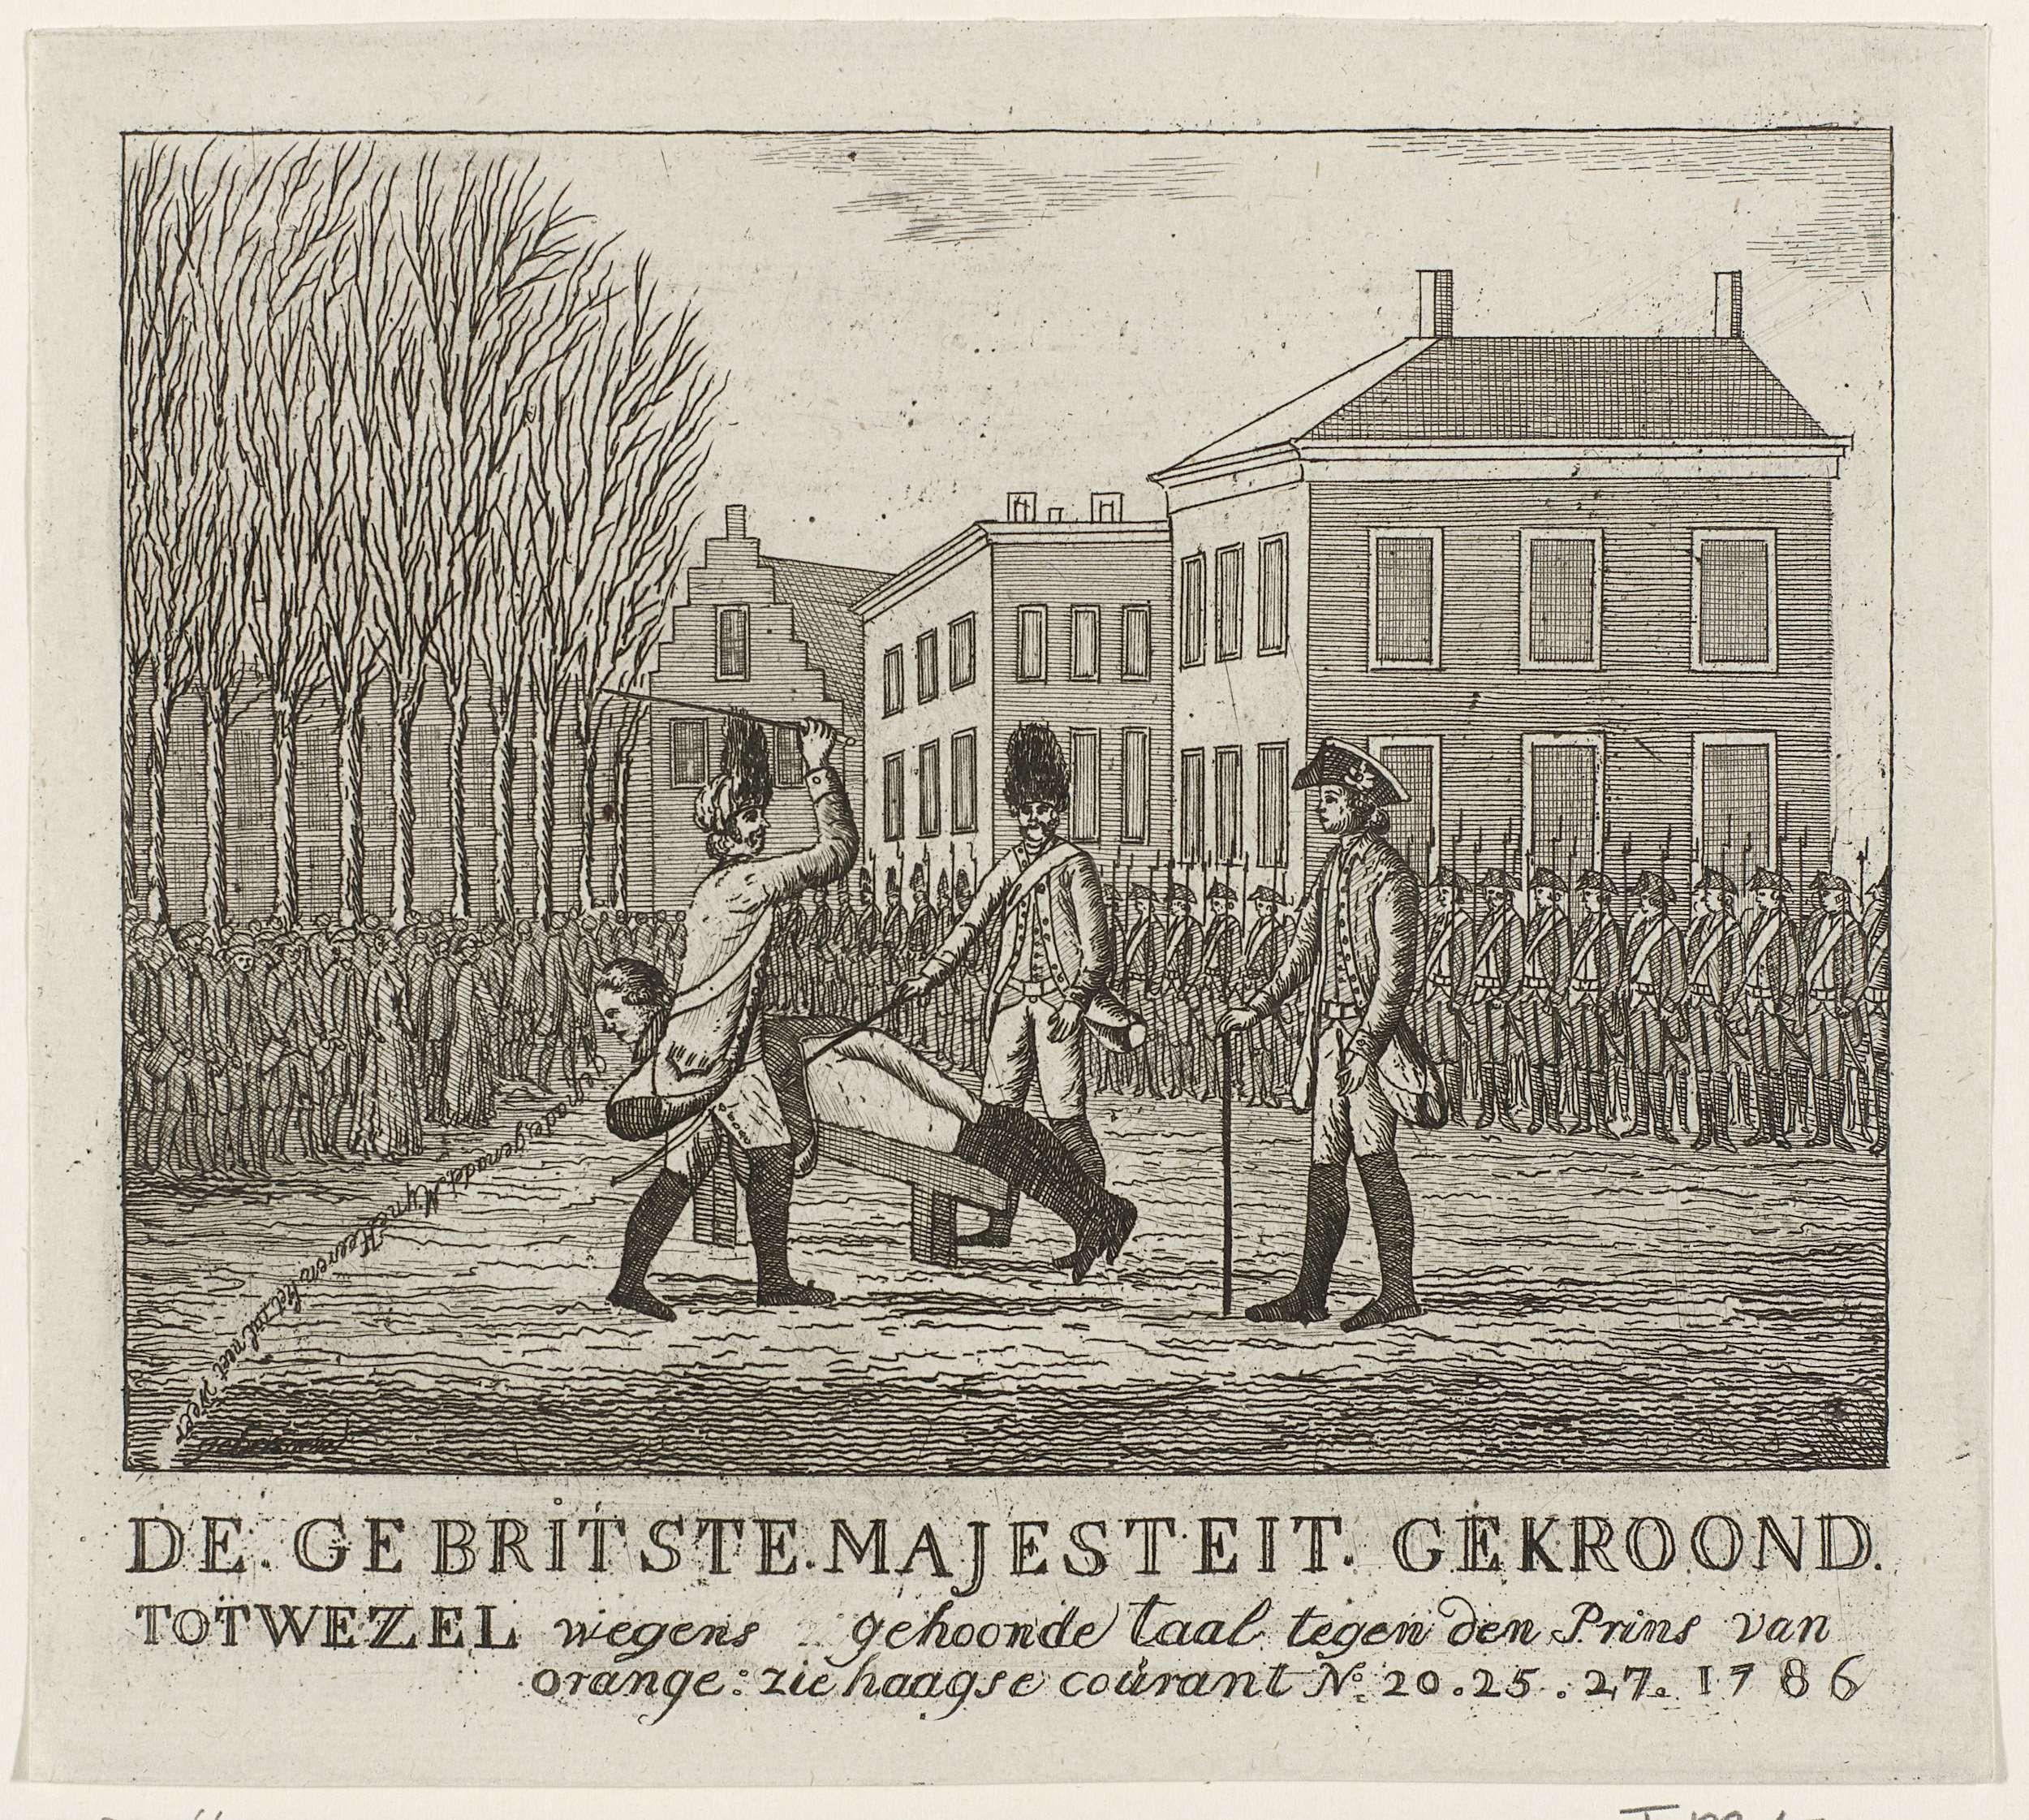 Anonymous | Geseling van een soldaat, 1786, Anonymous, 1786 | Openbare bestraffing van een soldaat wegens het honen van de prins van Oranje. Geseling op een houten bok, ten overstaan van een groep militairen en het publiek, 1786. In het onderschrift verwijzing naar de Haagse Courant, nrs 20, 25 en 27.